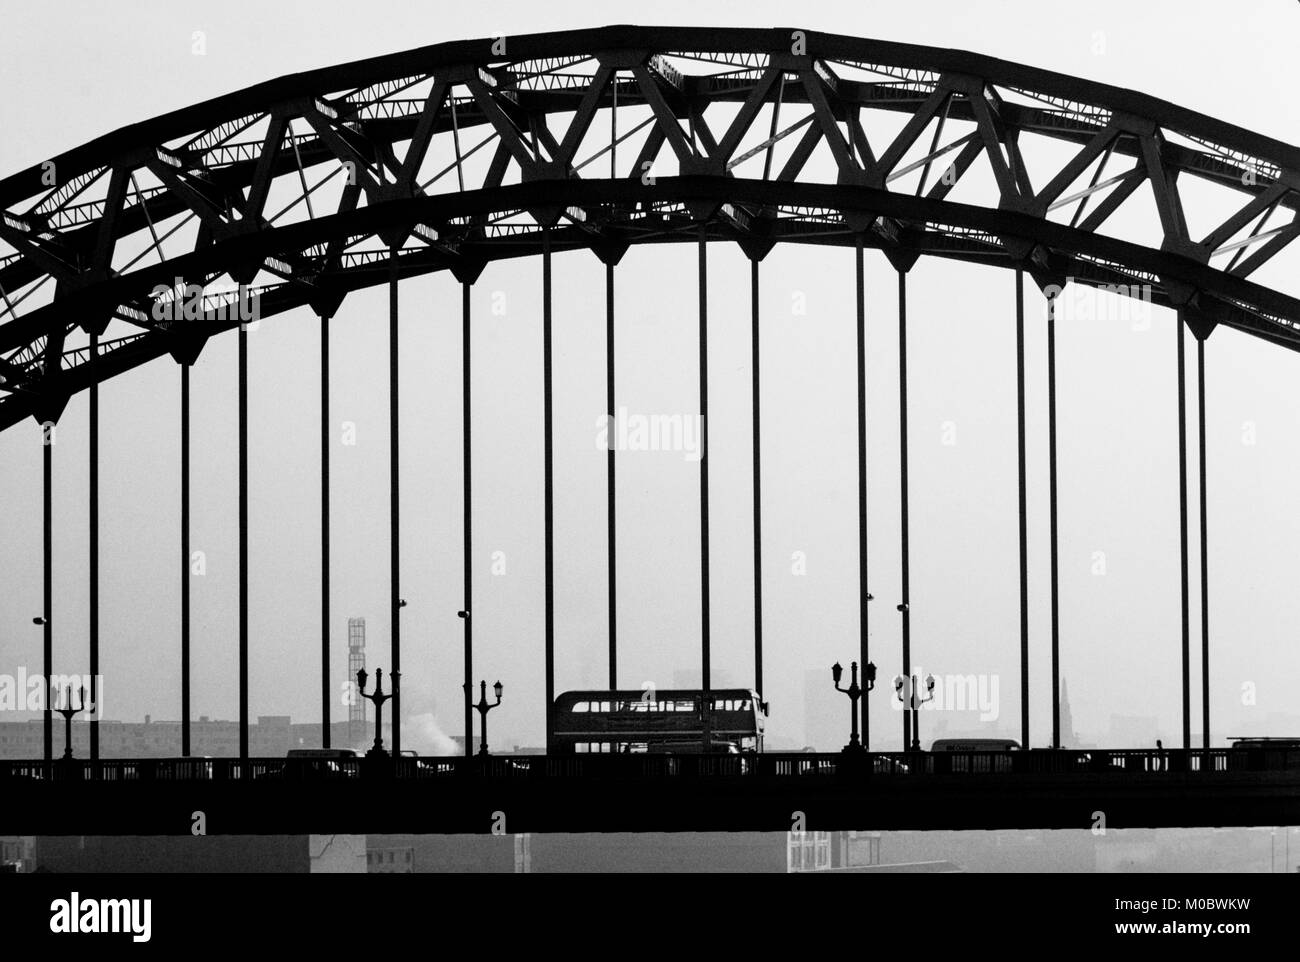 Newcastle upon Tyne,Tyne and Wear, England, UK. 1985 Tyne Bridge across the River Tyne - Stock Image